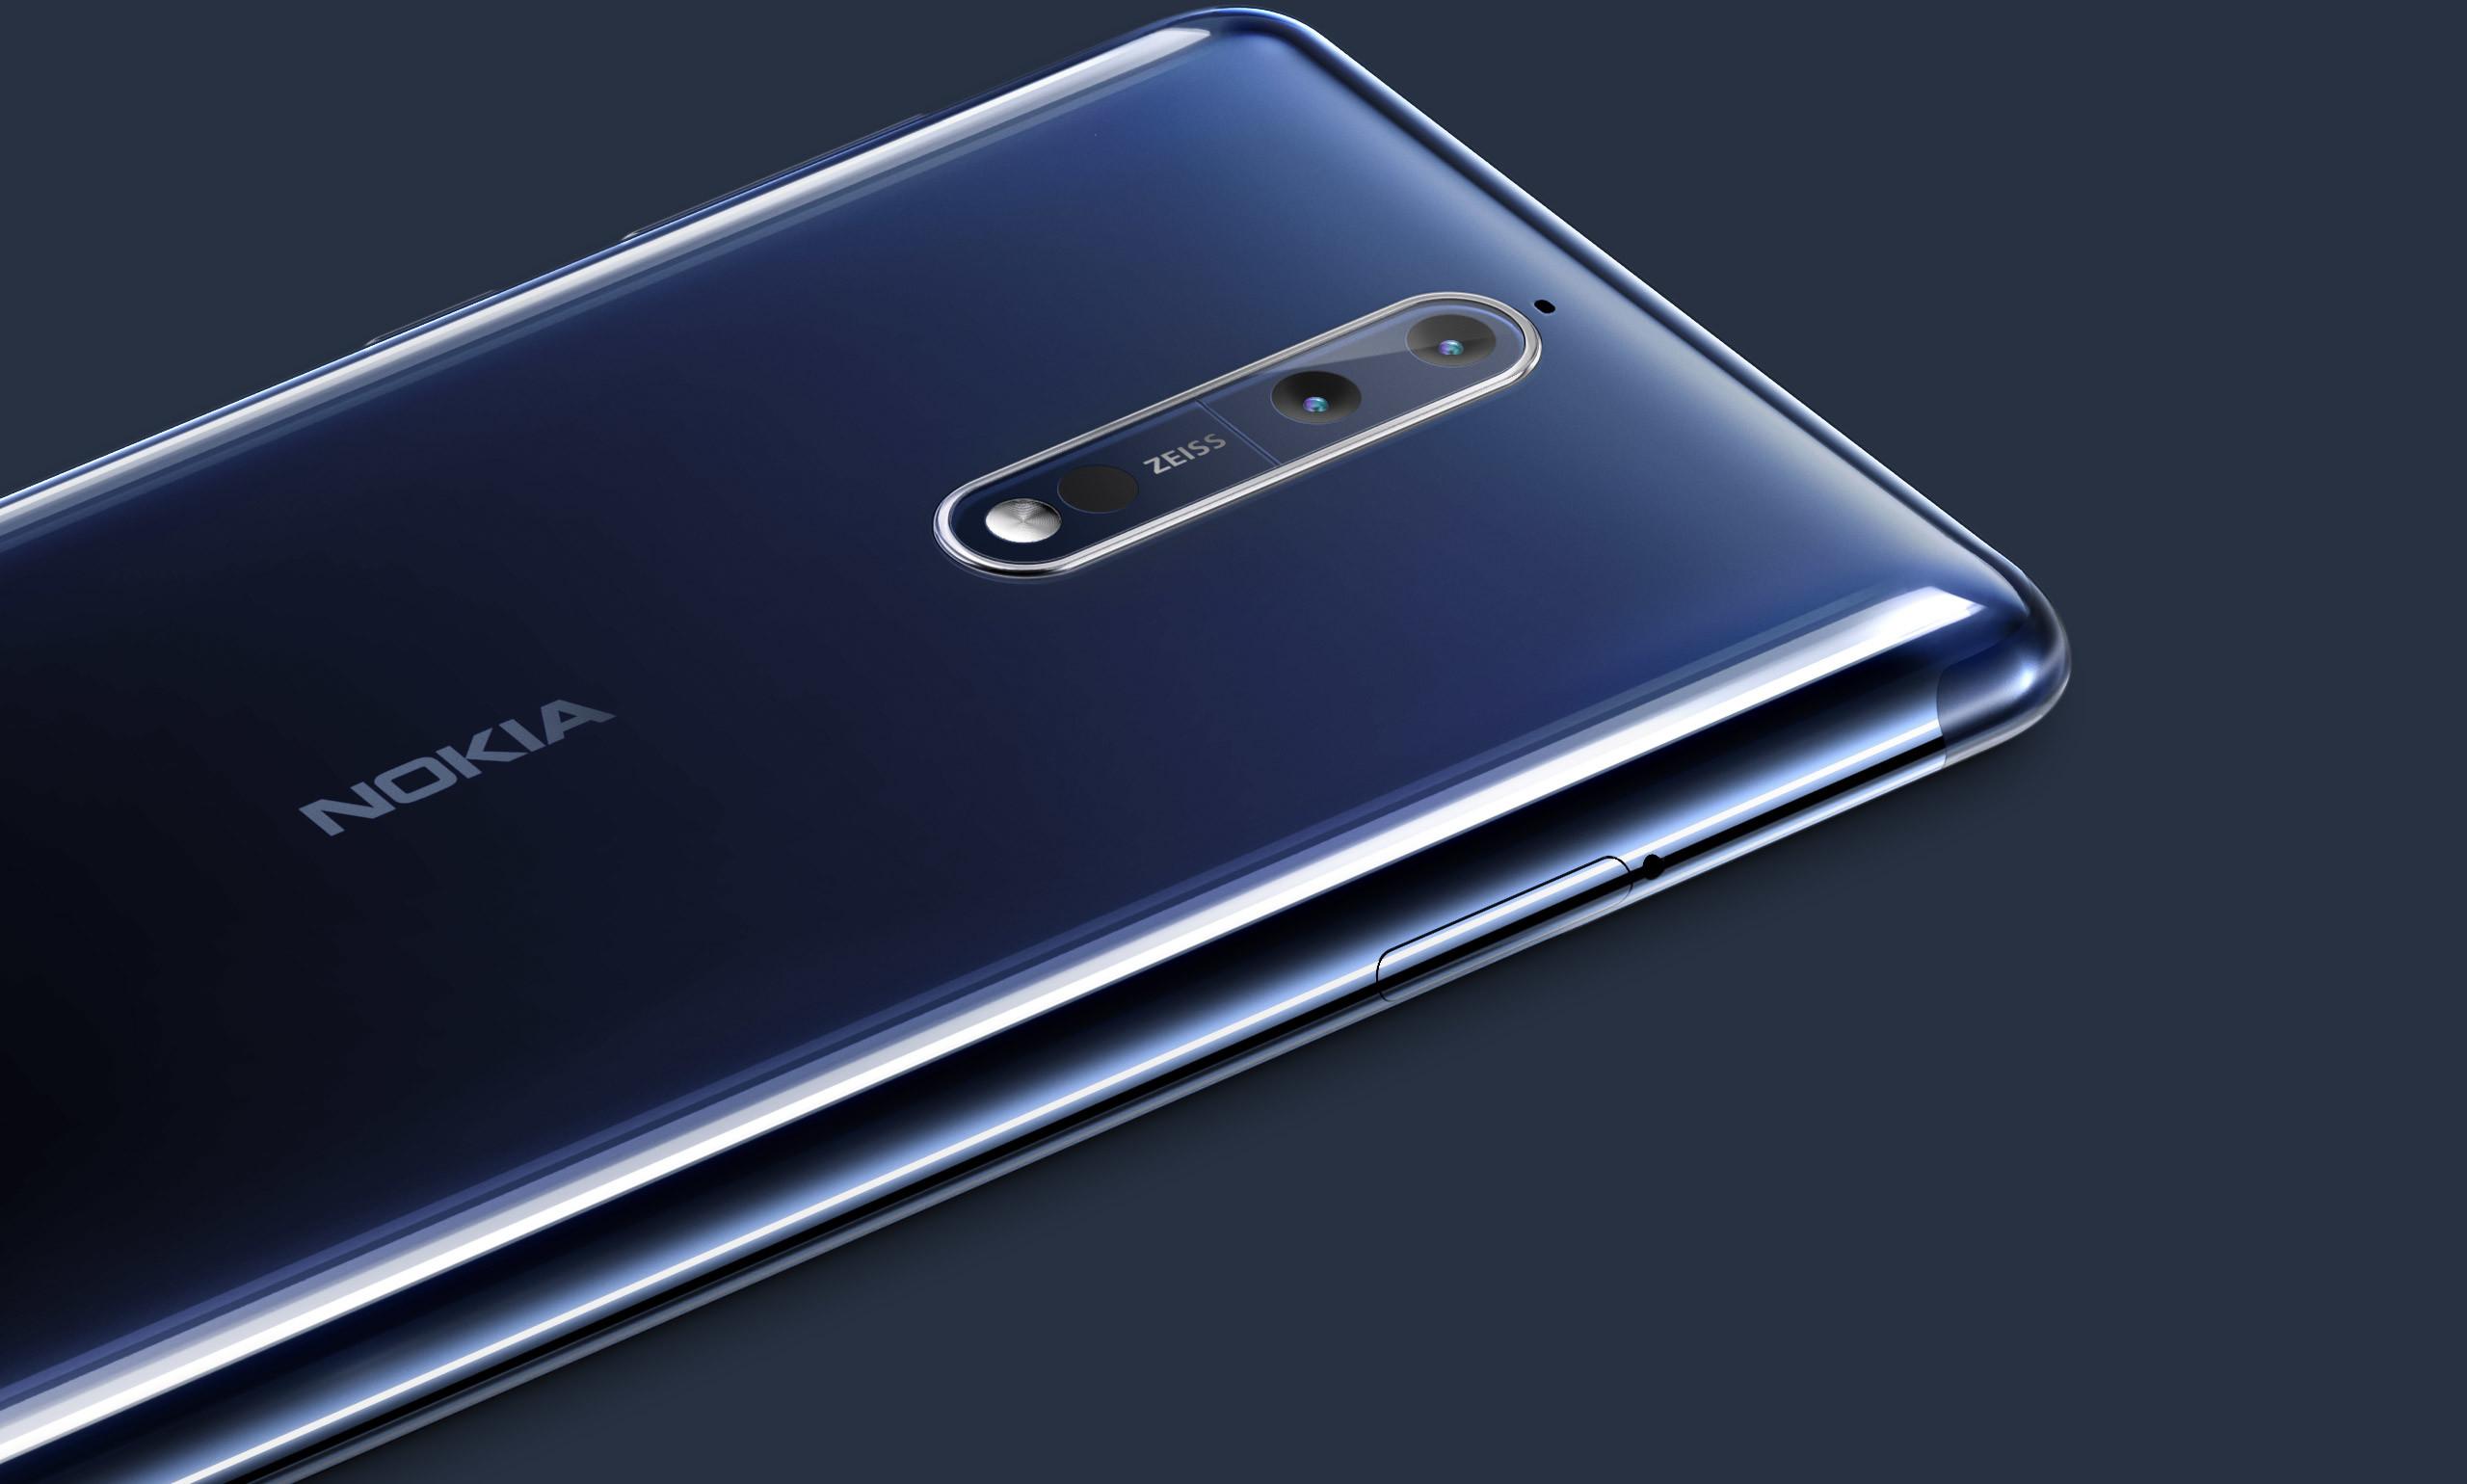 Nokia + Carl Zeiss, tak to je sázka na jistotu, špičkové fotografie Nokia 8 za každých podmínek